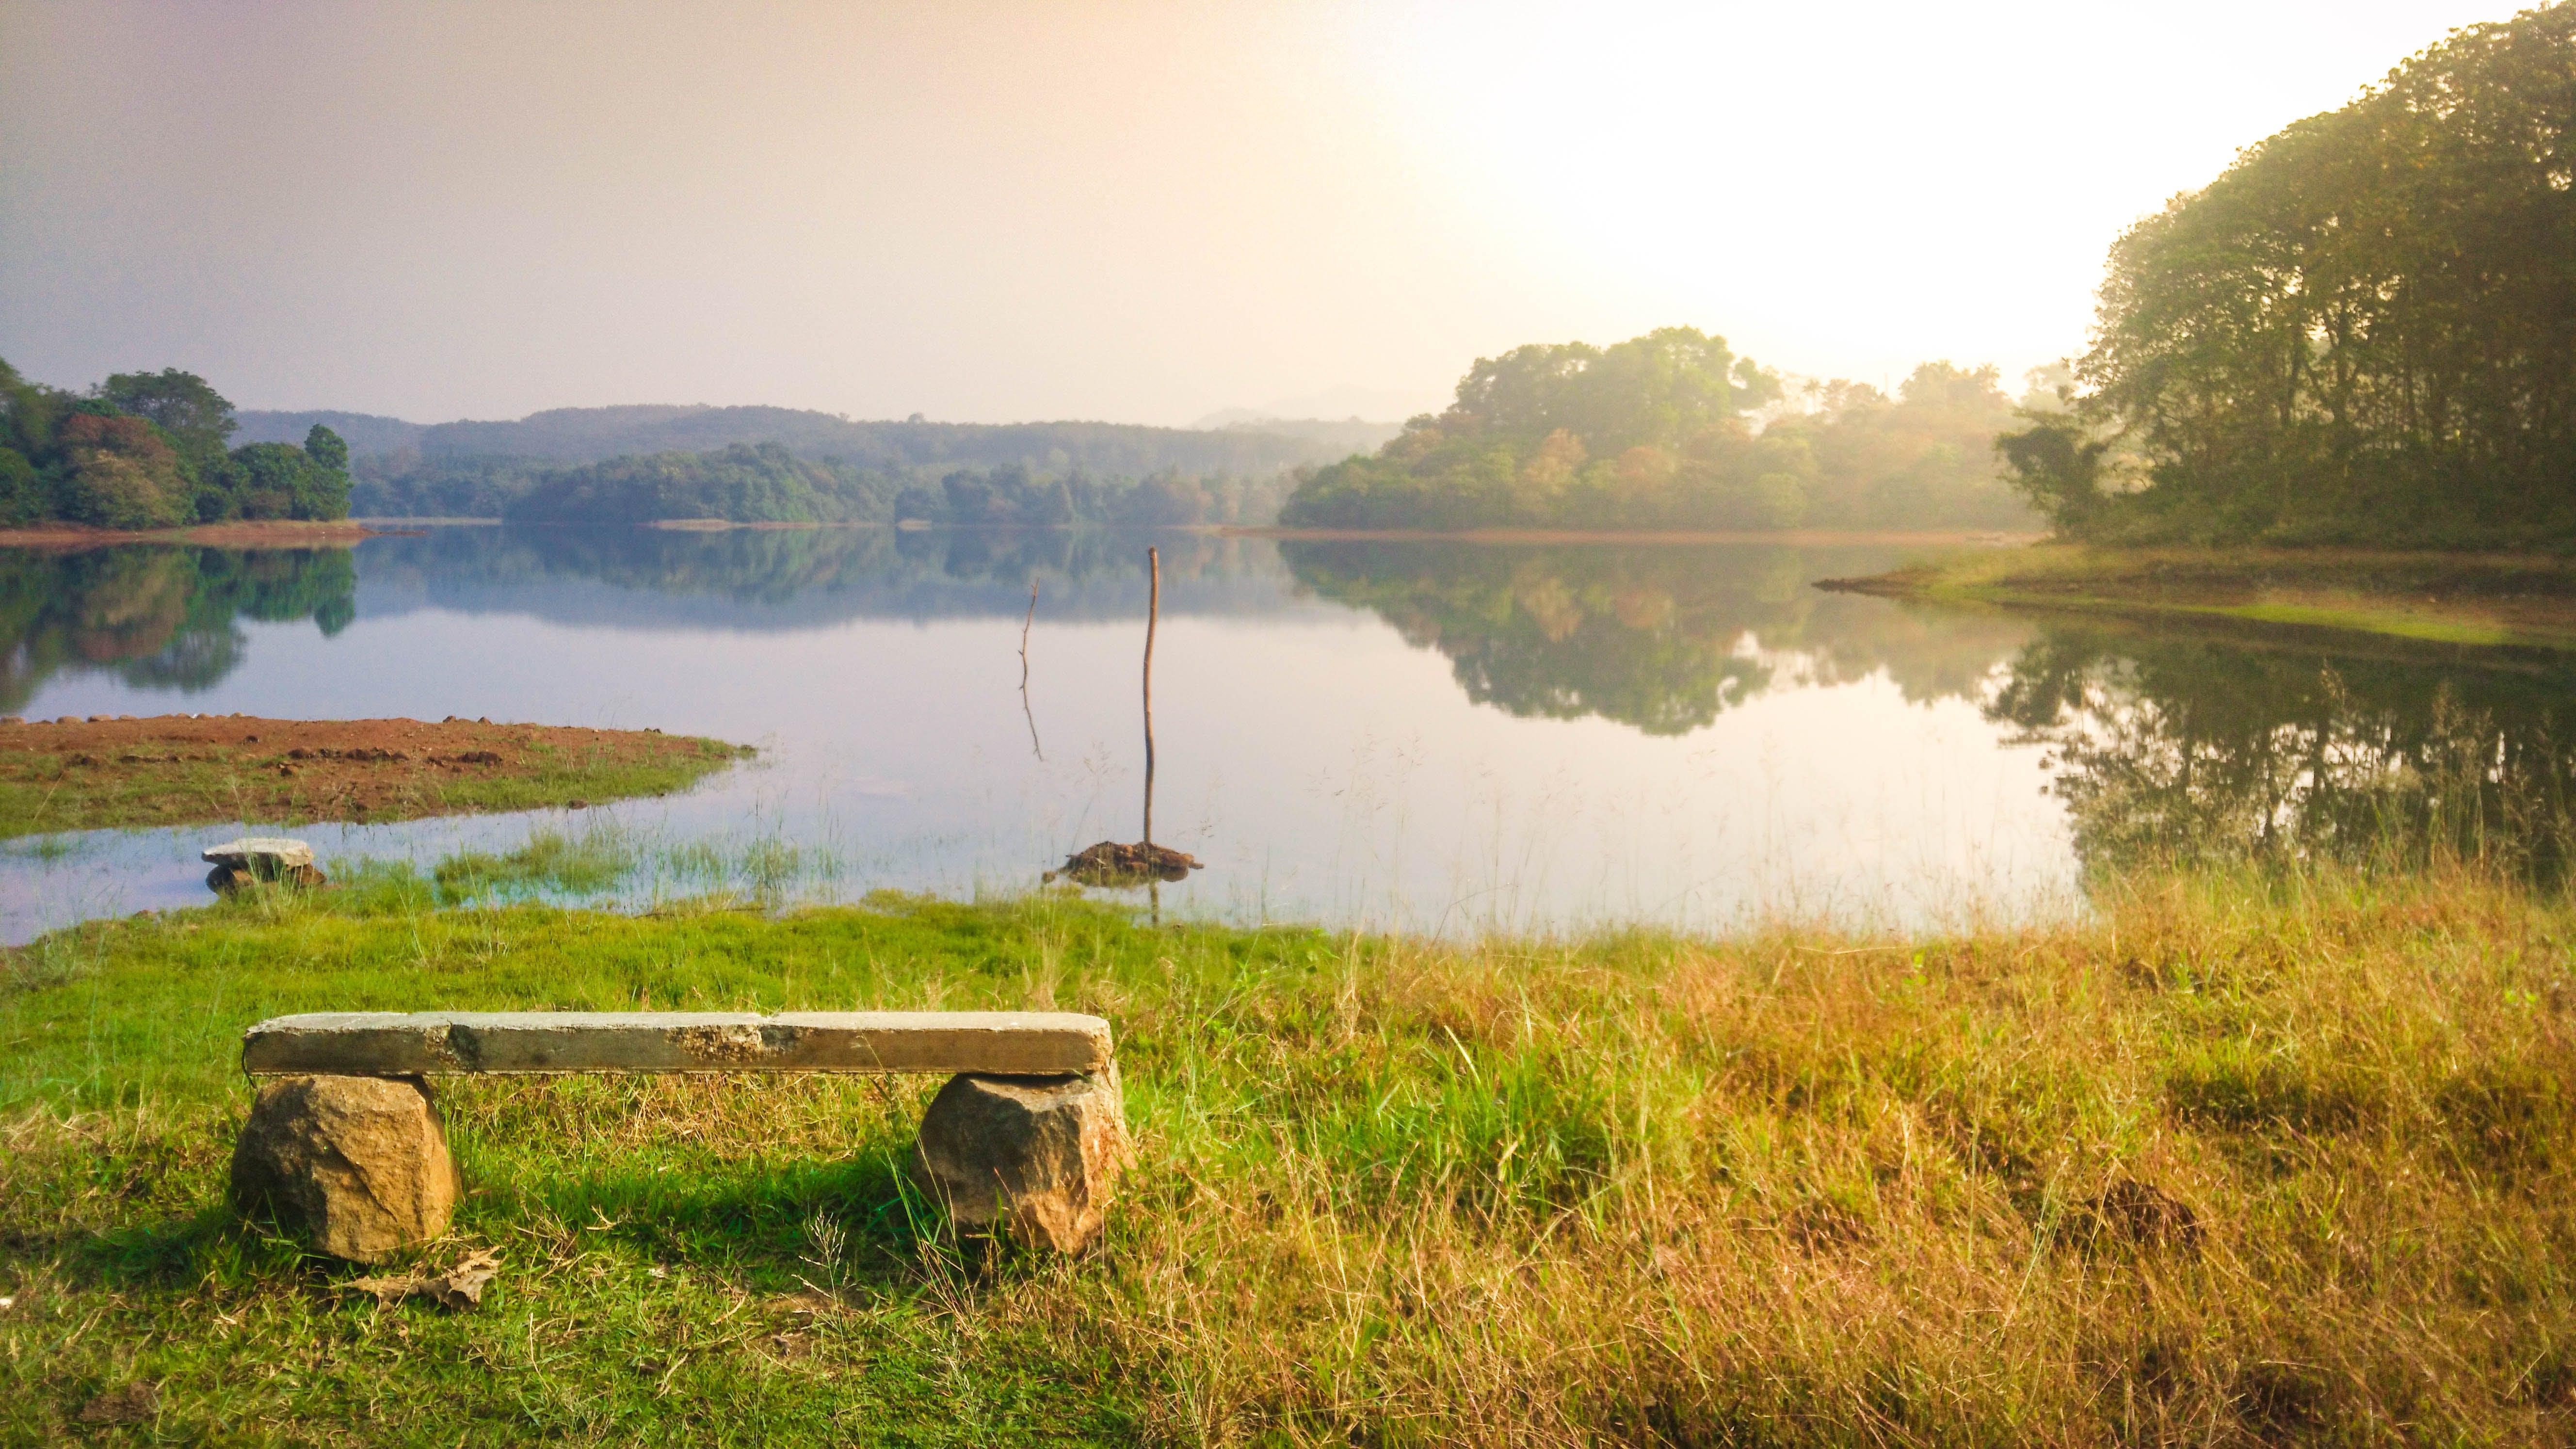 反射, 朝の太陽, 束, 水の無料の写真素材